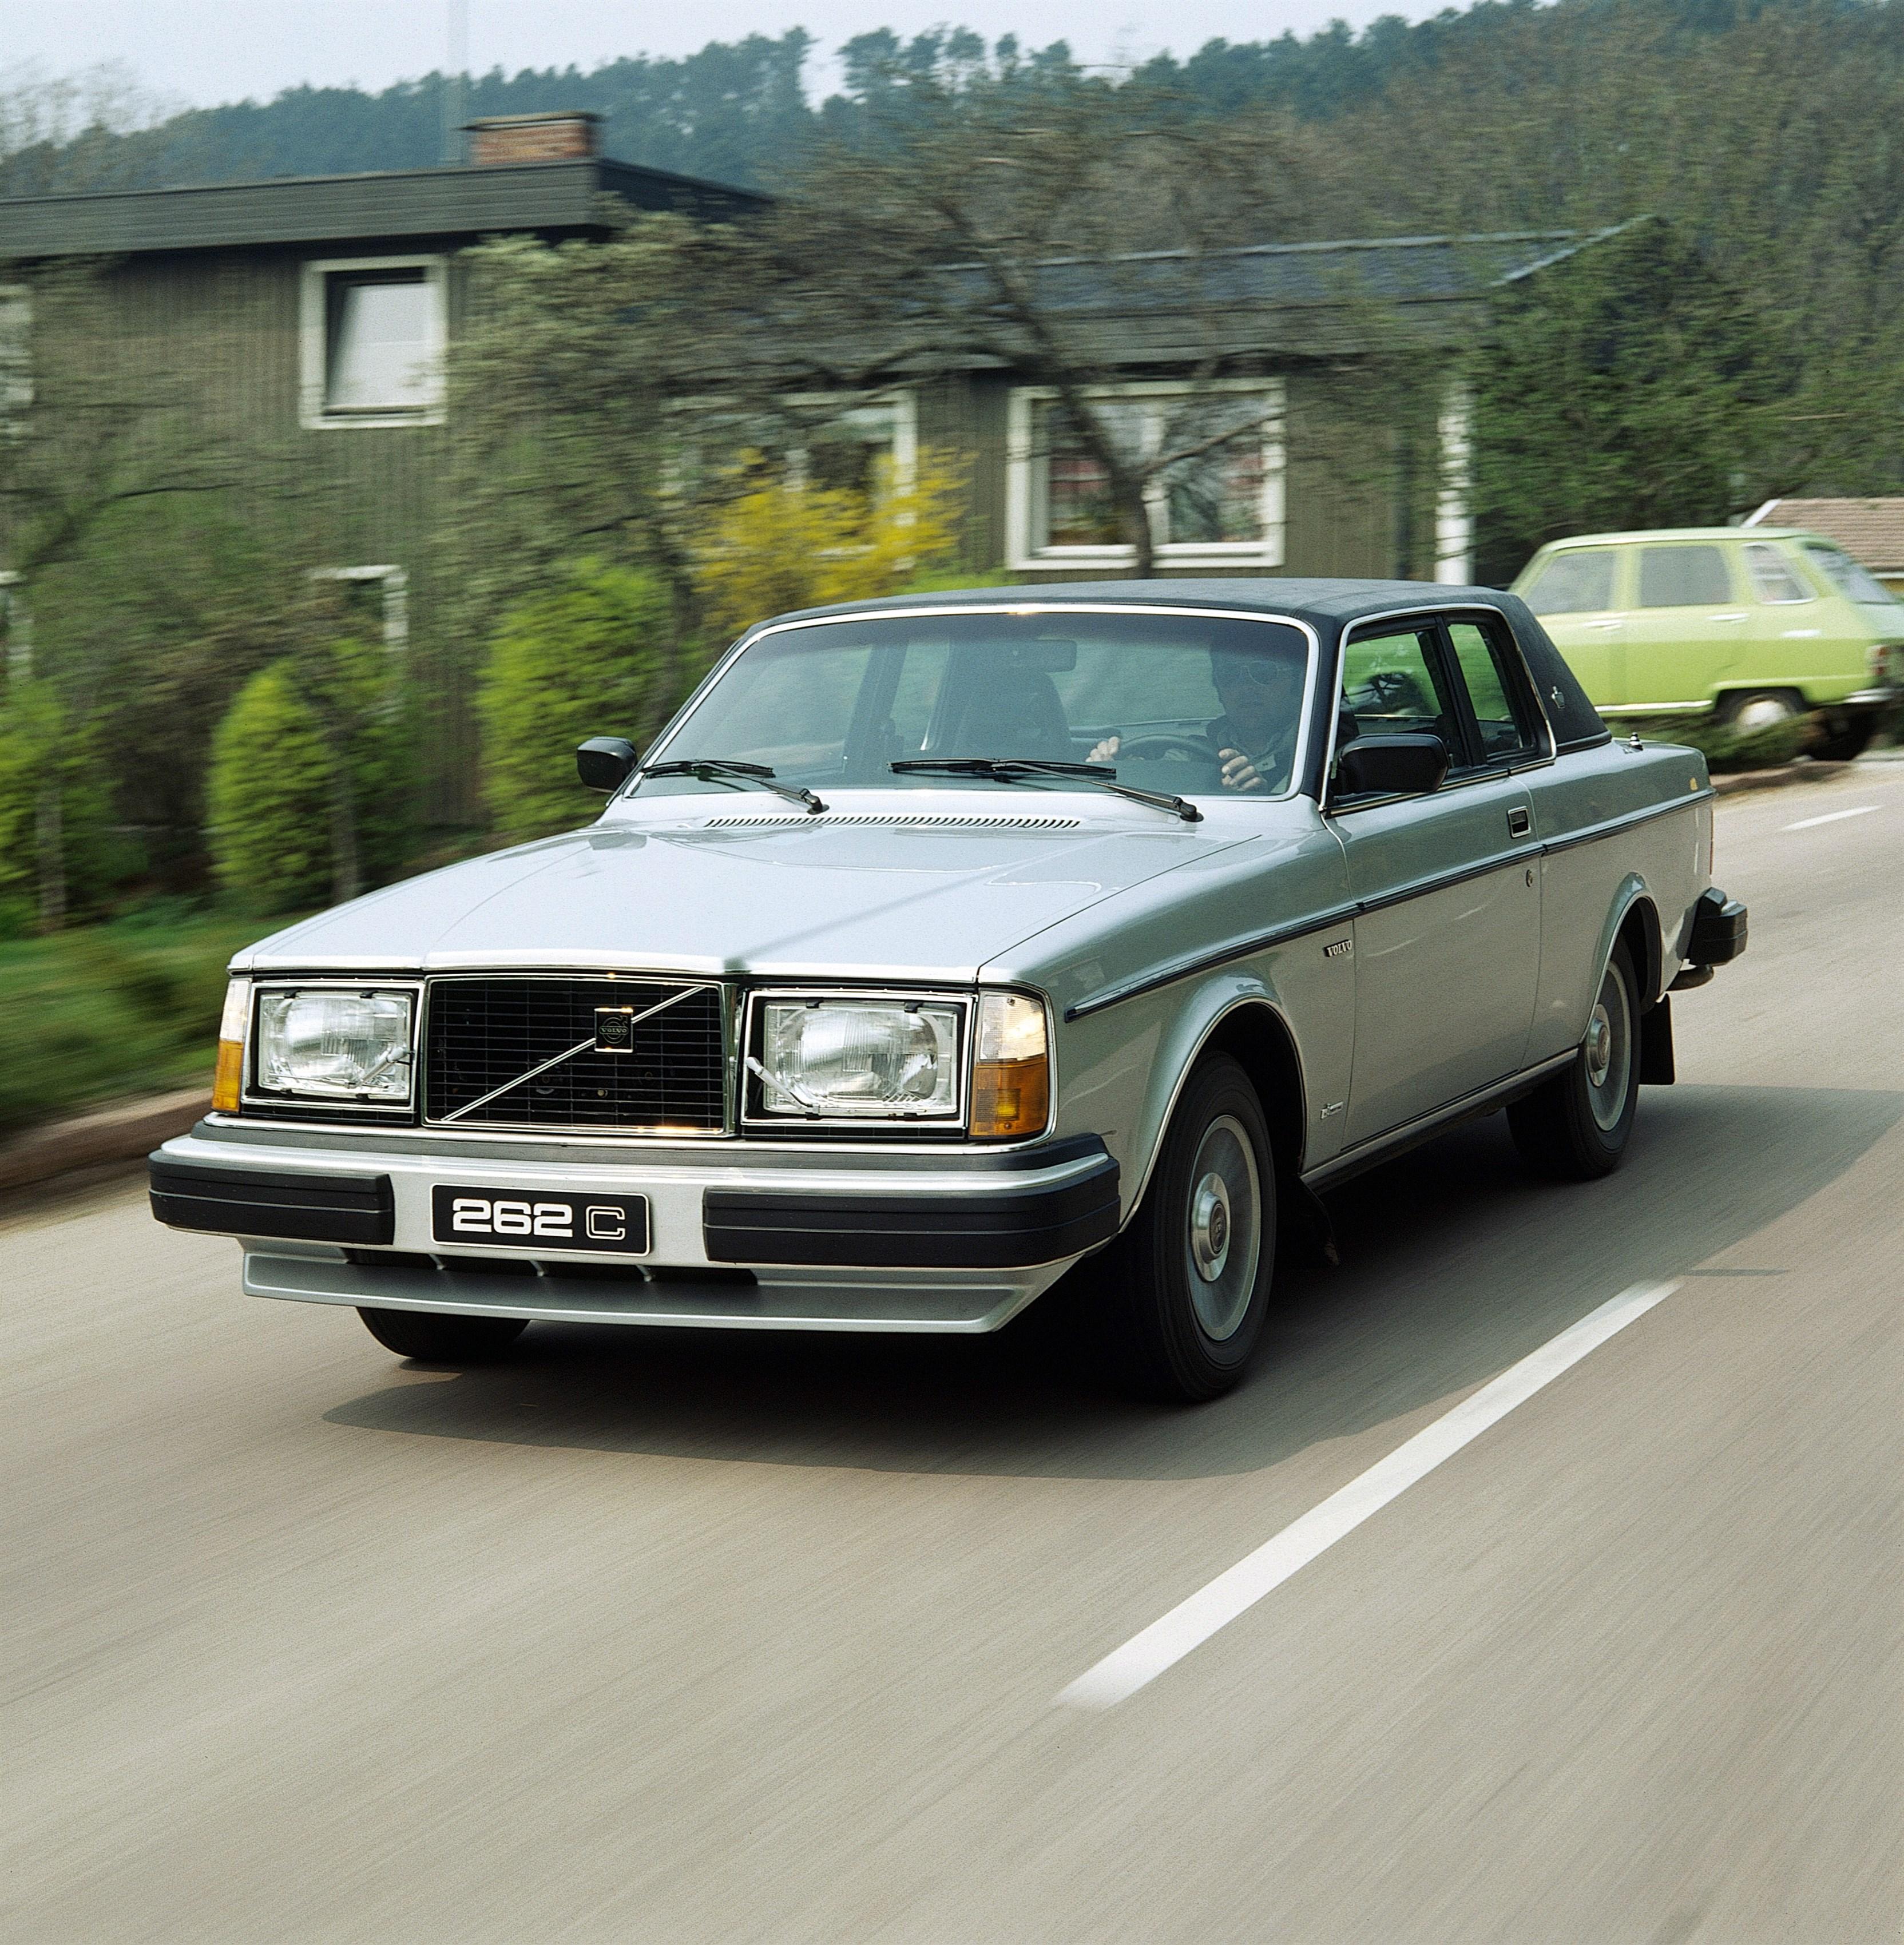 Ontworpen in Zweden en gebouwd in Italië – de Volvo 262C blaast 40 kaarsjes uit